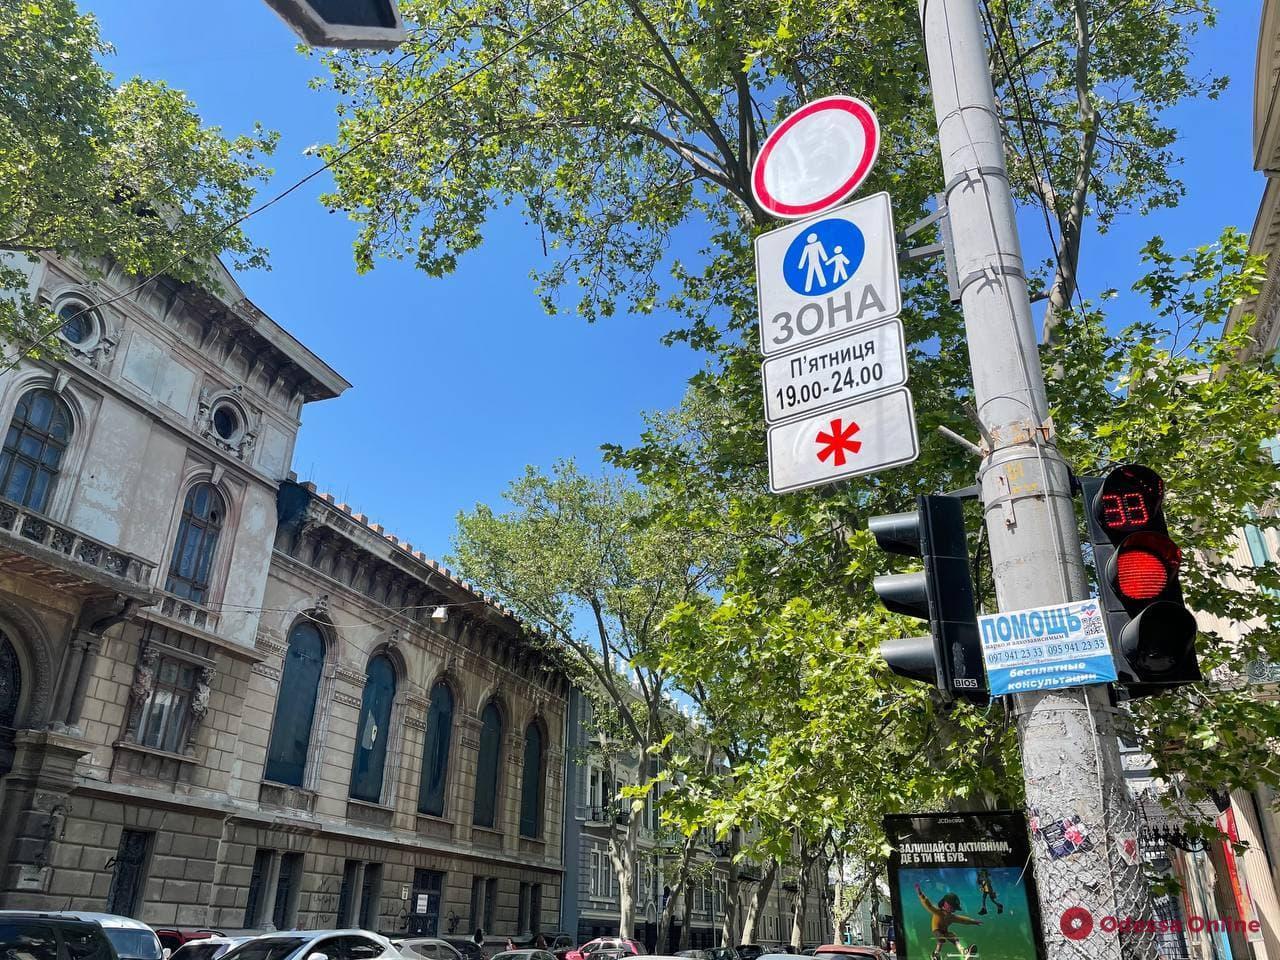 Большинство одесситов позитивно воспринимает введение пешеходной зоны в центре города по выходным